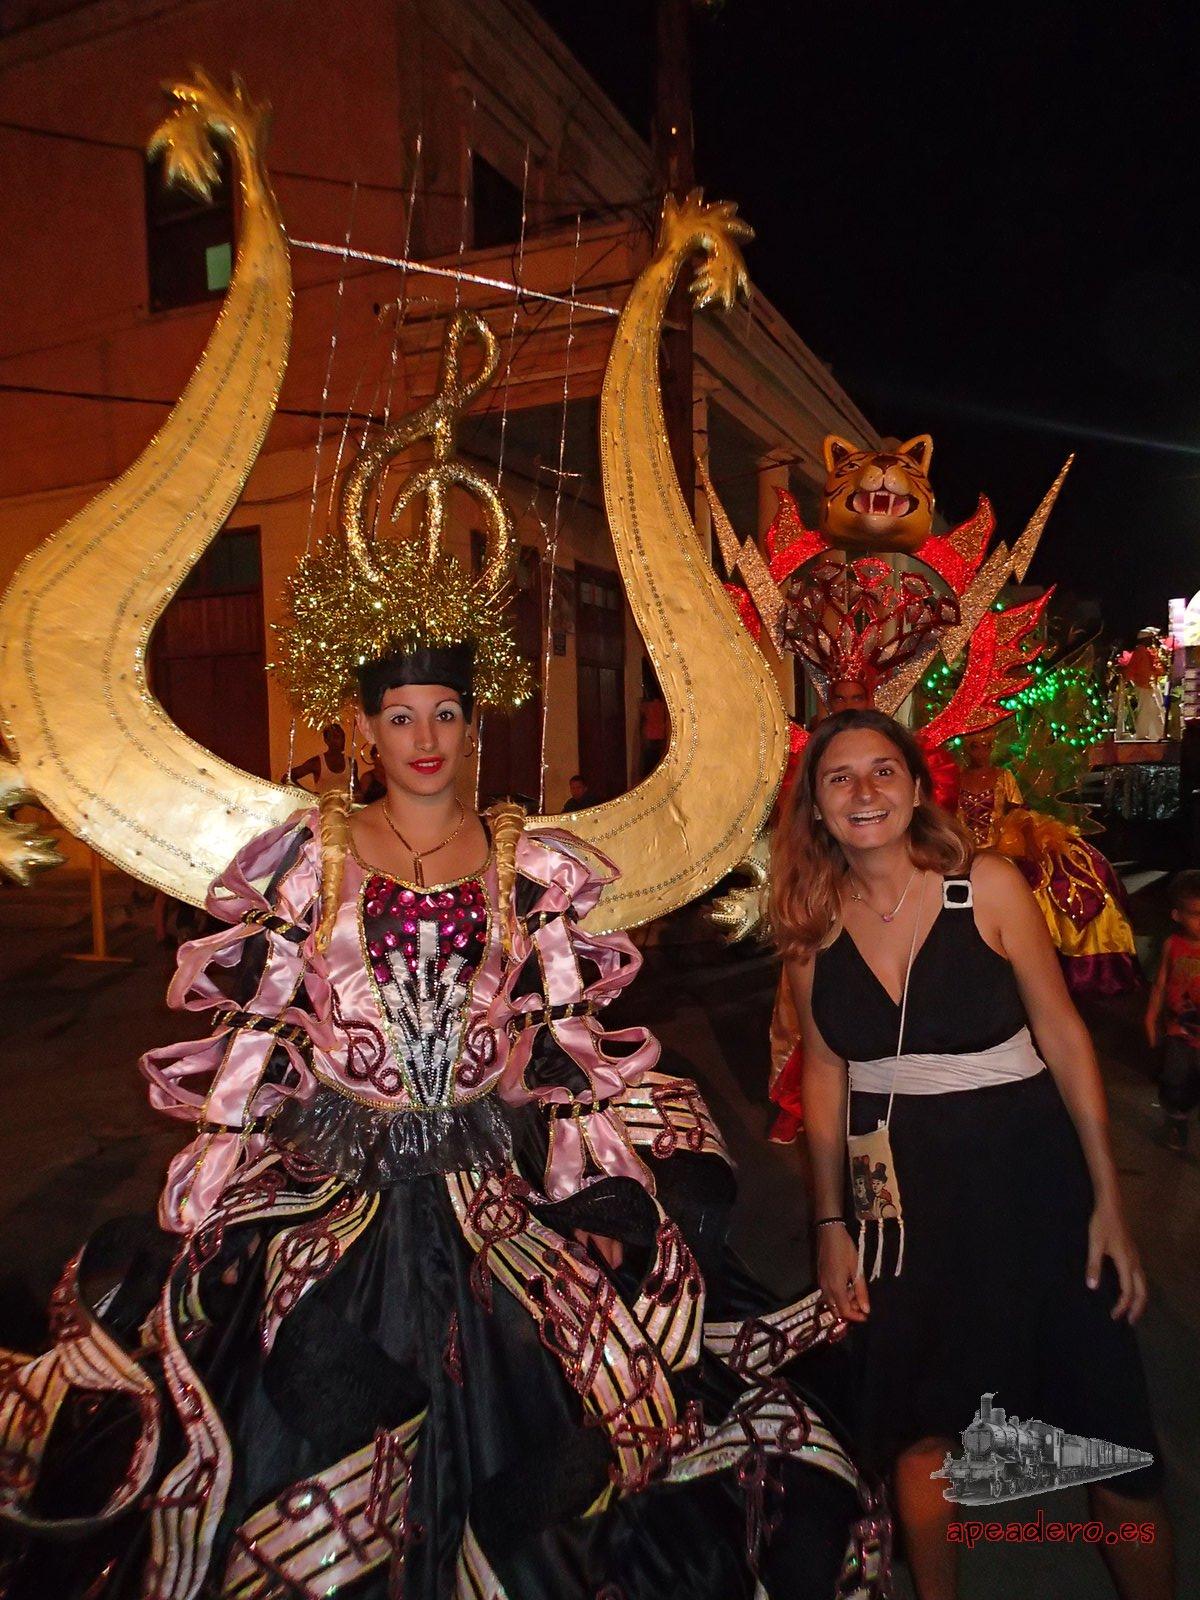 Un disfraz musical de Cienfuegos el día que visitamos el carnaval de La Habana y Cienfuegos